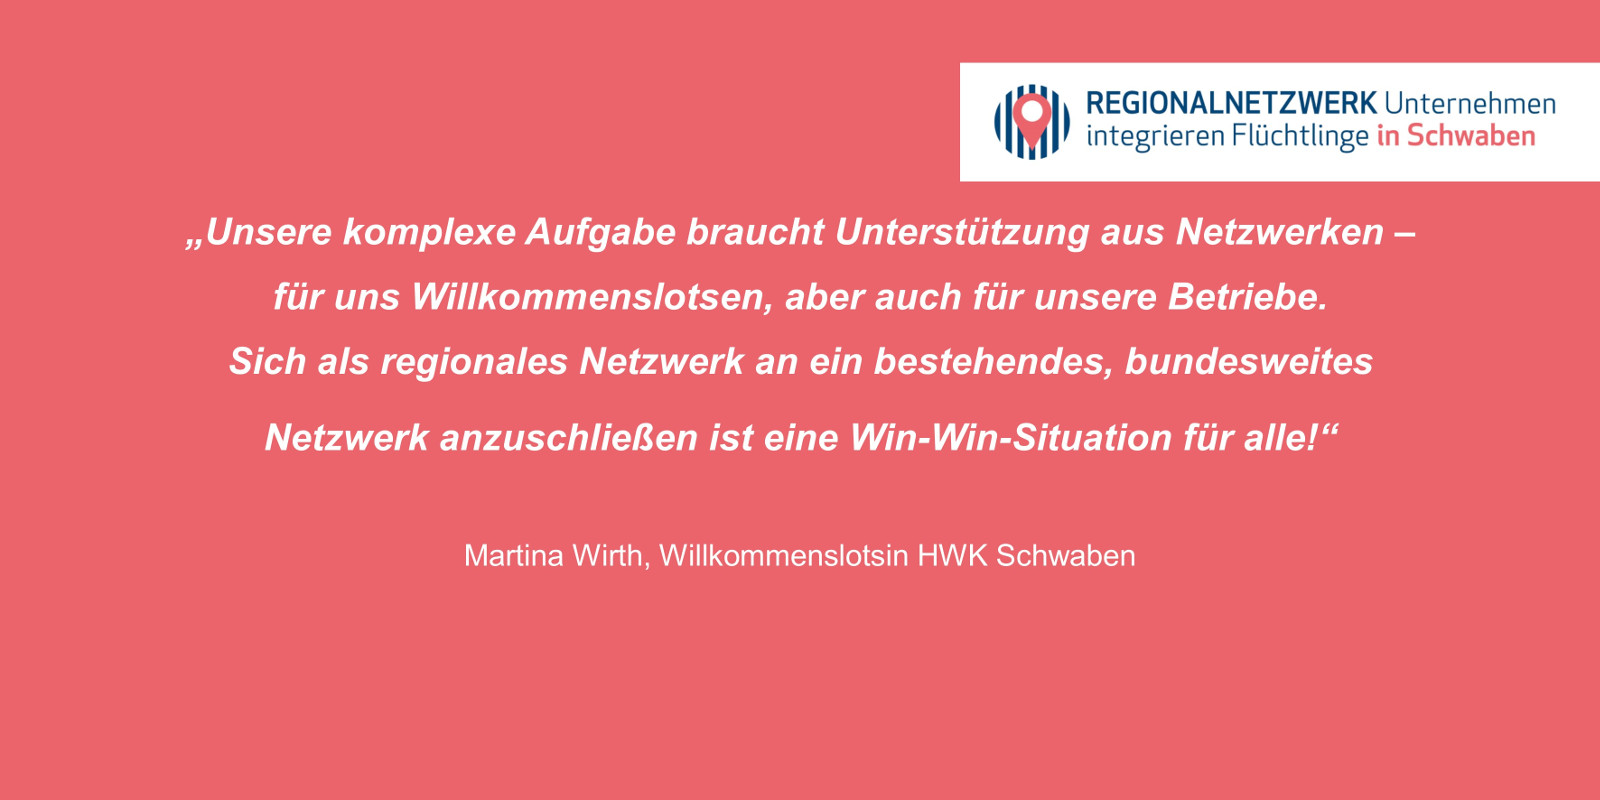 Regionalnetzwerk Unternehmen Integrieren Flüchtlinge